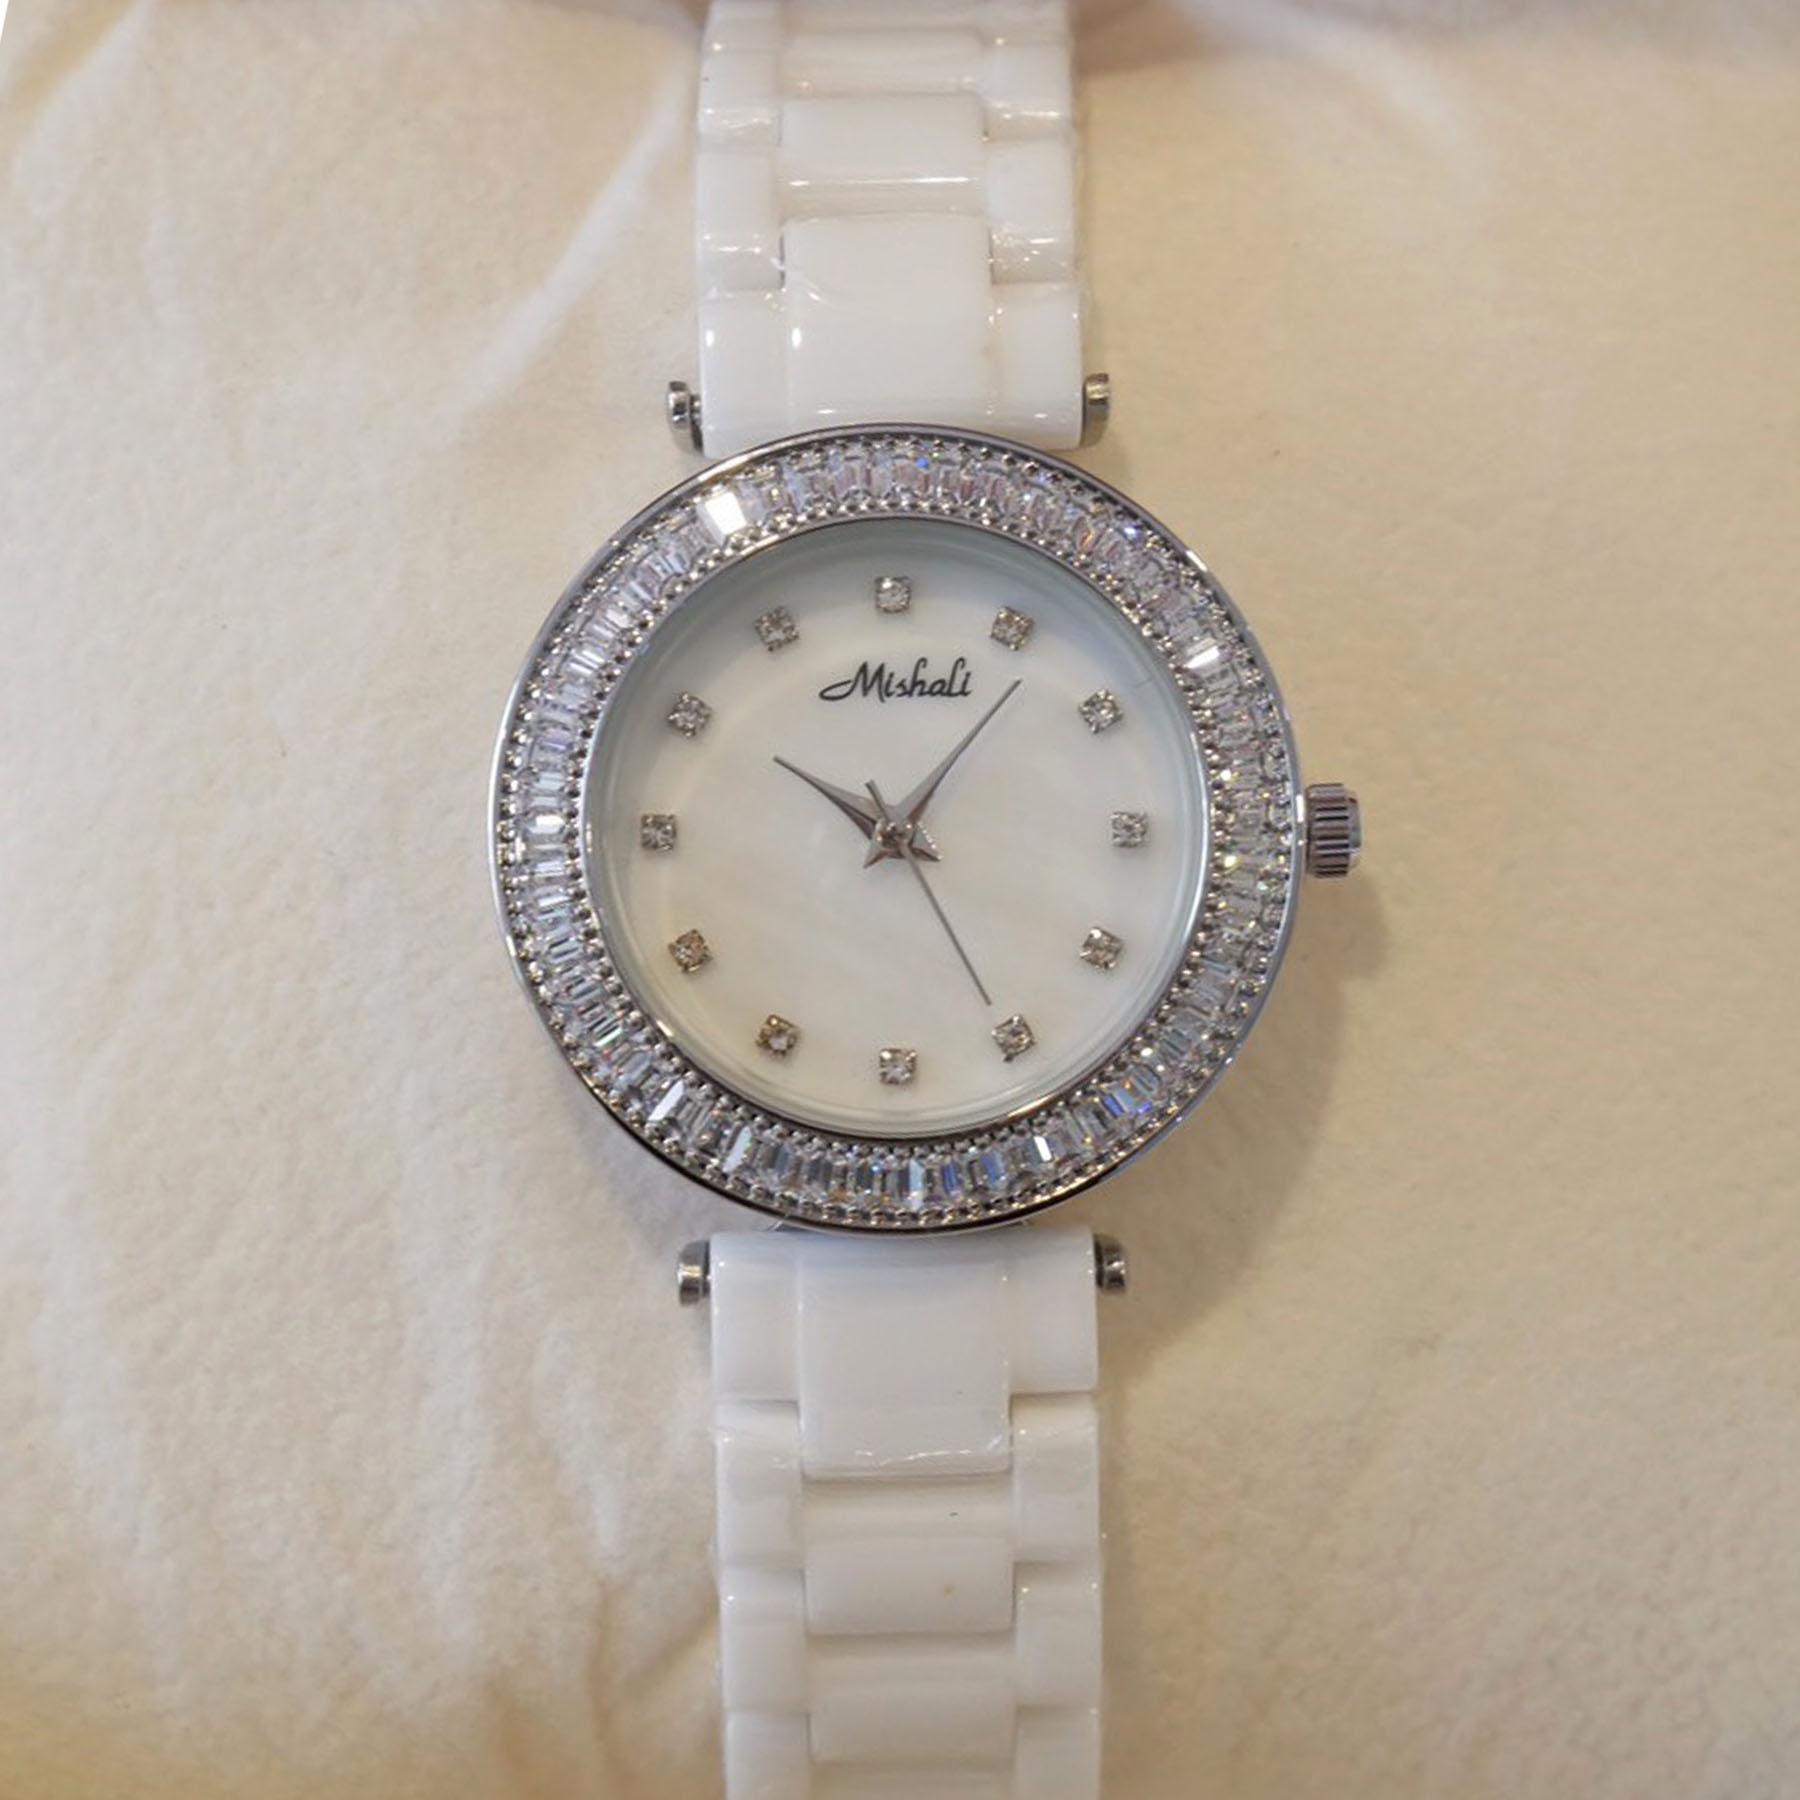 นาฬิกาข้อมือผู้หญิง MISHALI M18031C B